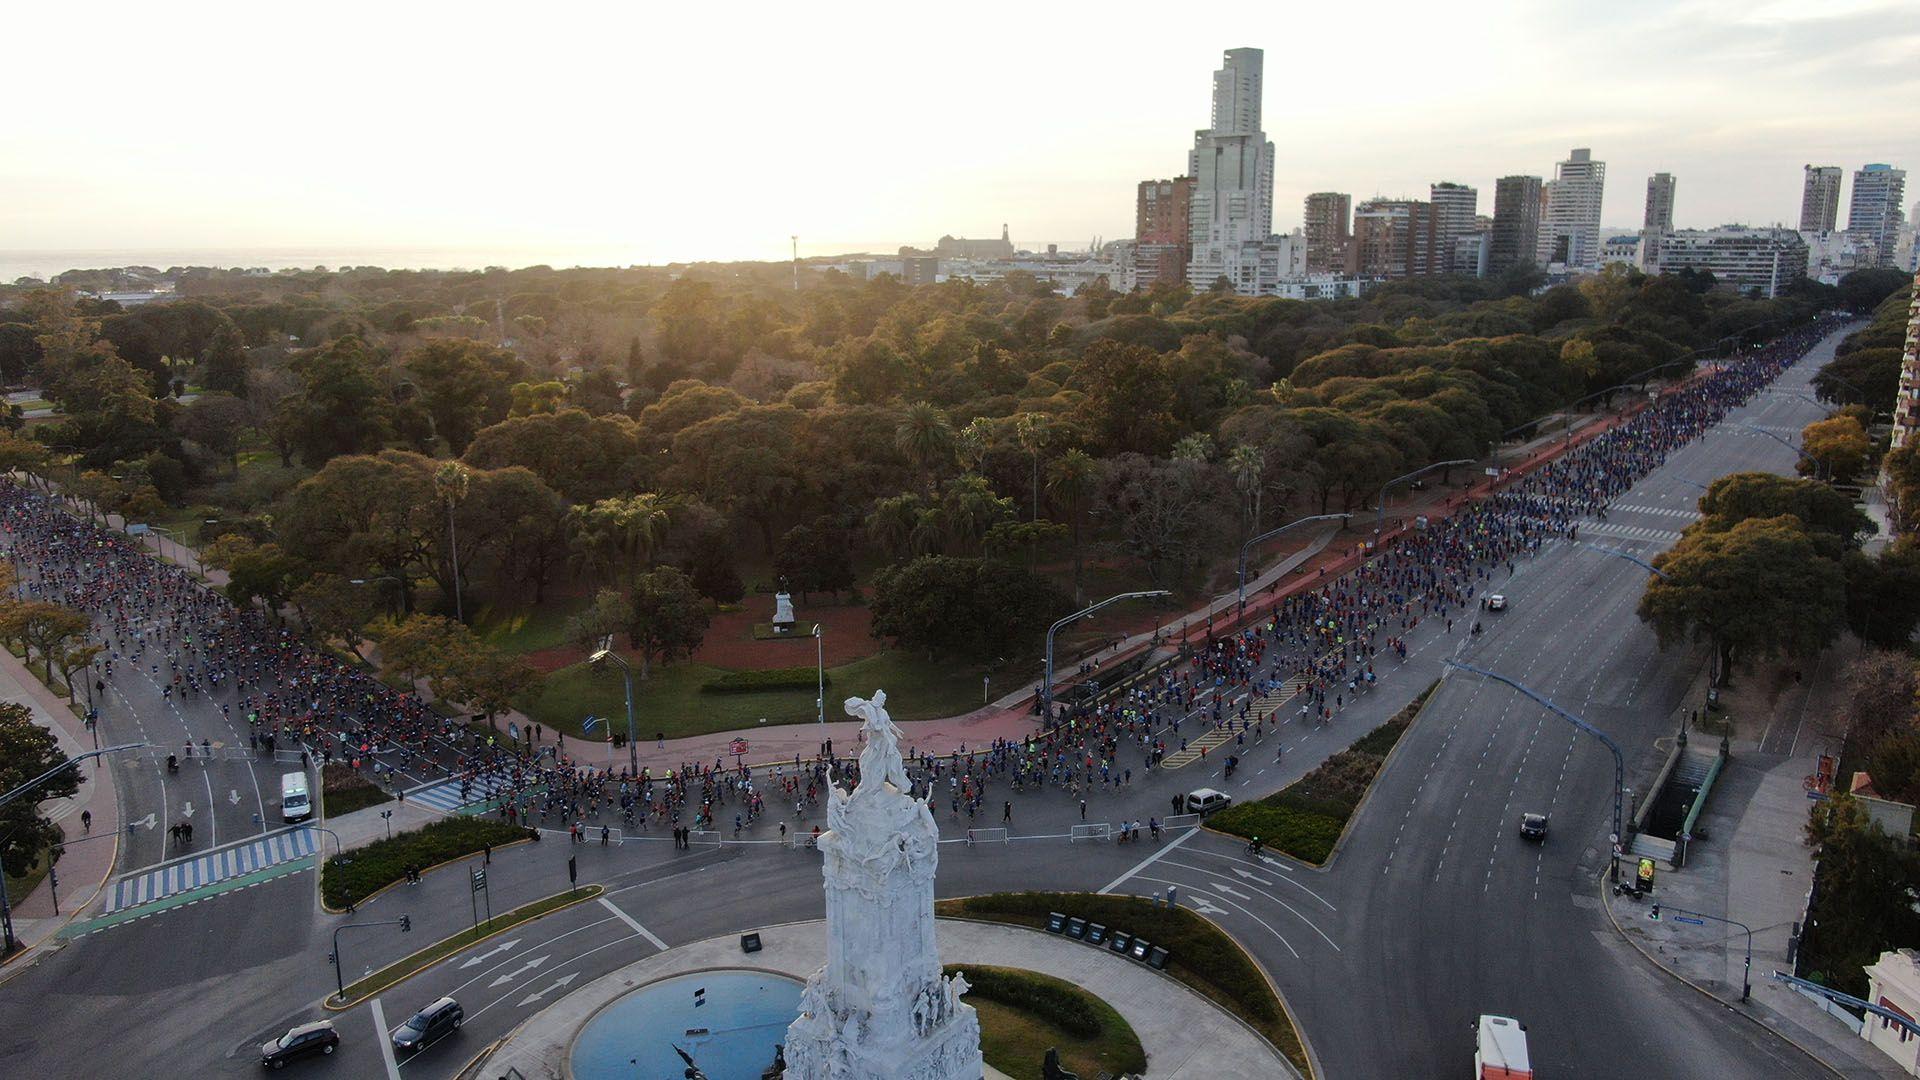 La multitud de participantes, en una de las curvas del recorrido (Thomas Khazki)